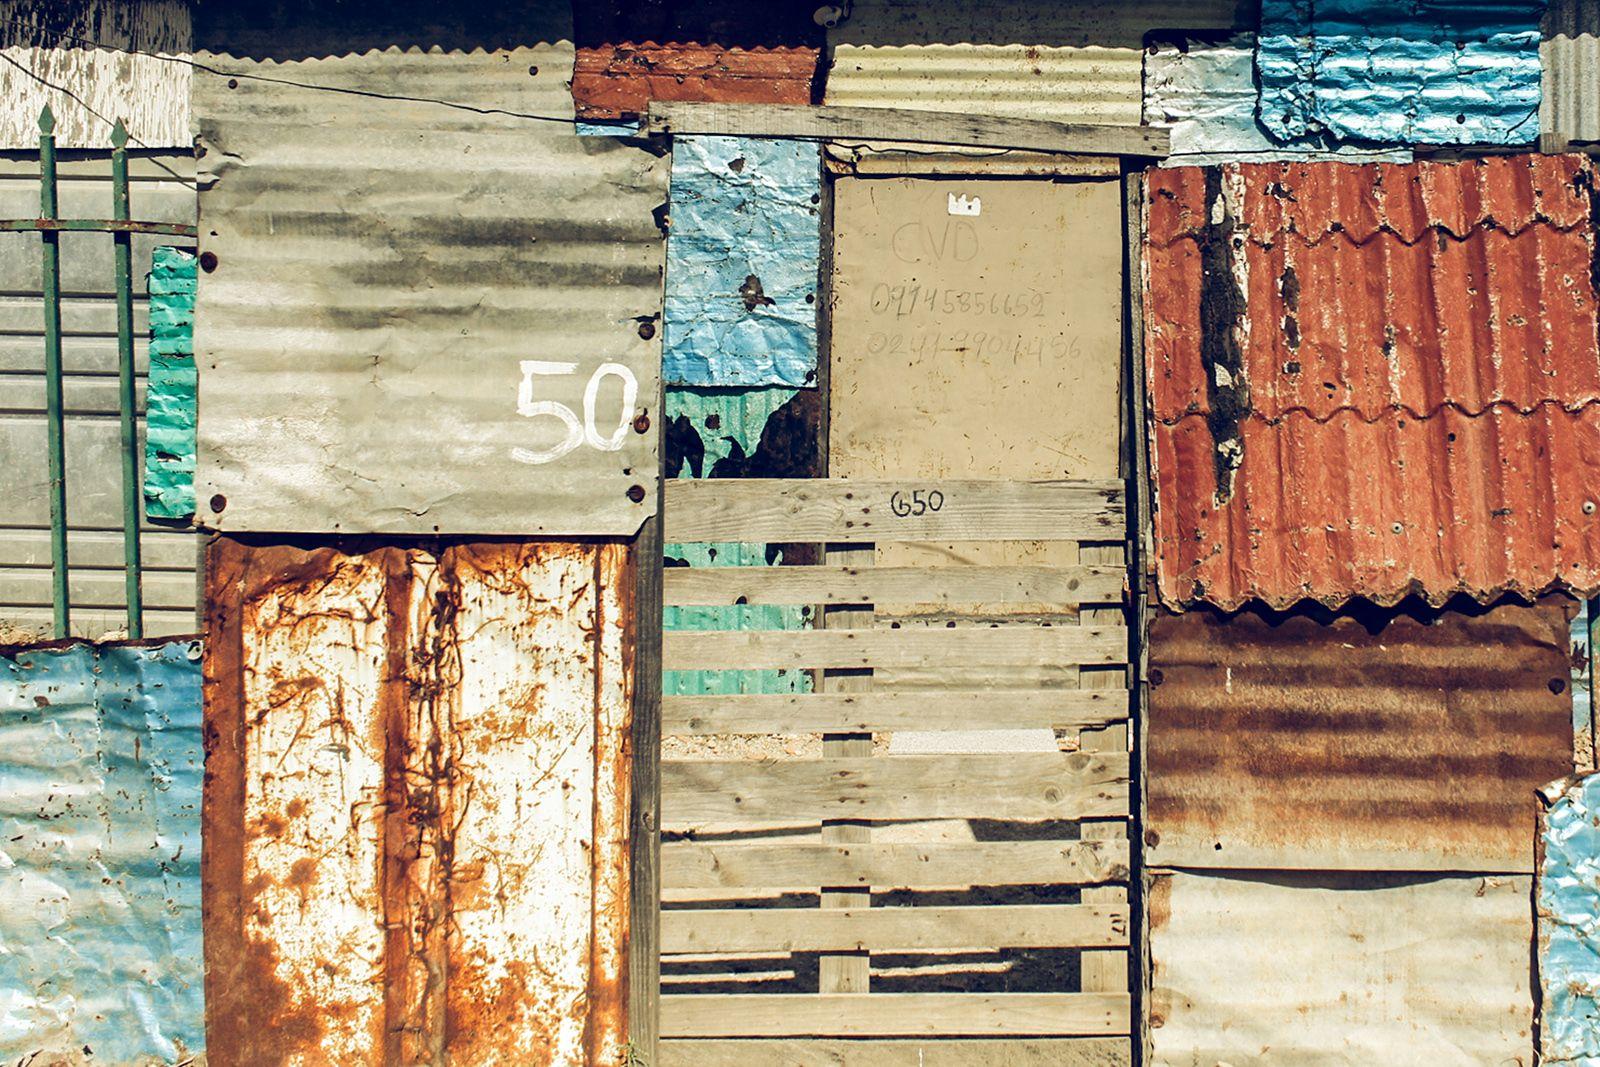 """Luis Cabrera """"Arquitectura de Crisis"""" -Recorrido por diversas invasiones del Estado Carabobo, Venezuela. Entre noviembre 2016 y febrero 2017."""